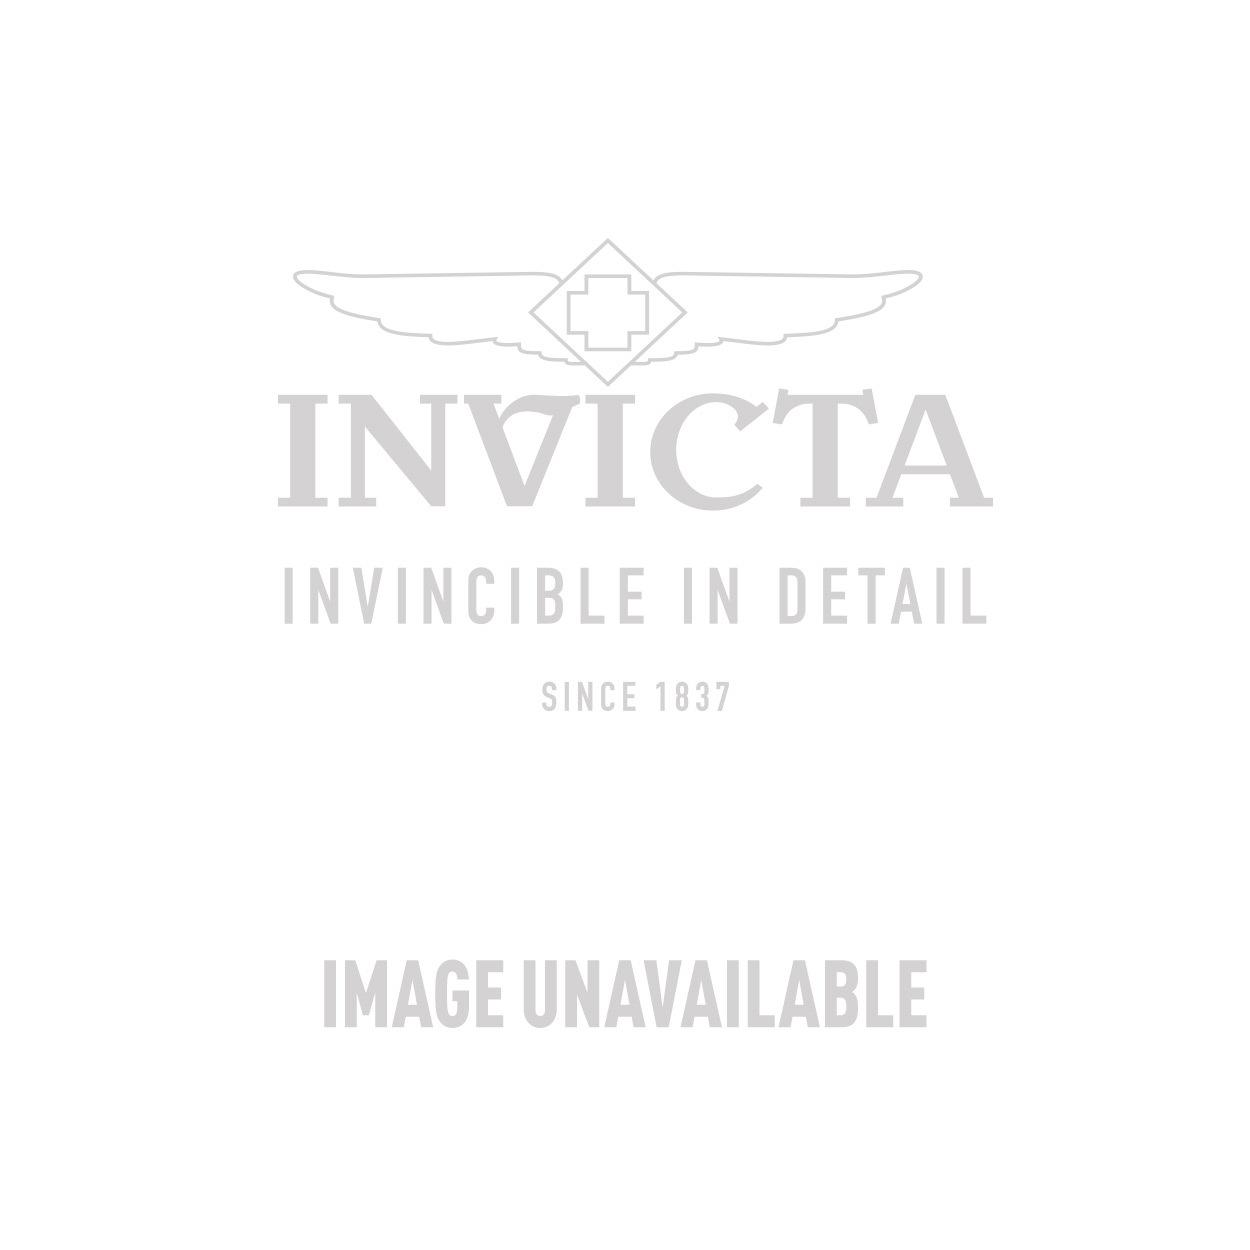 Invicta Model 25599